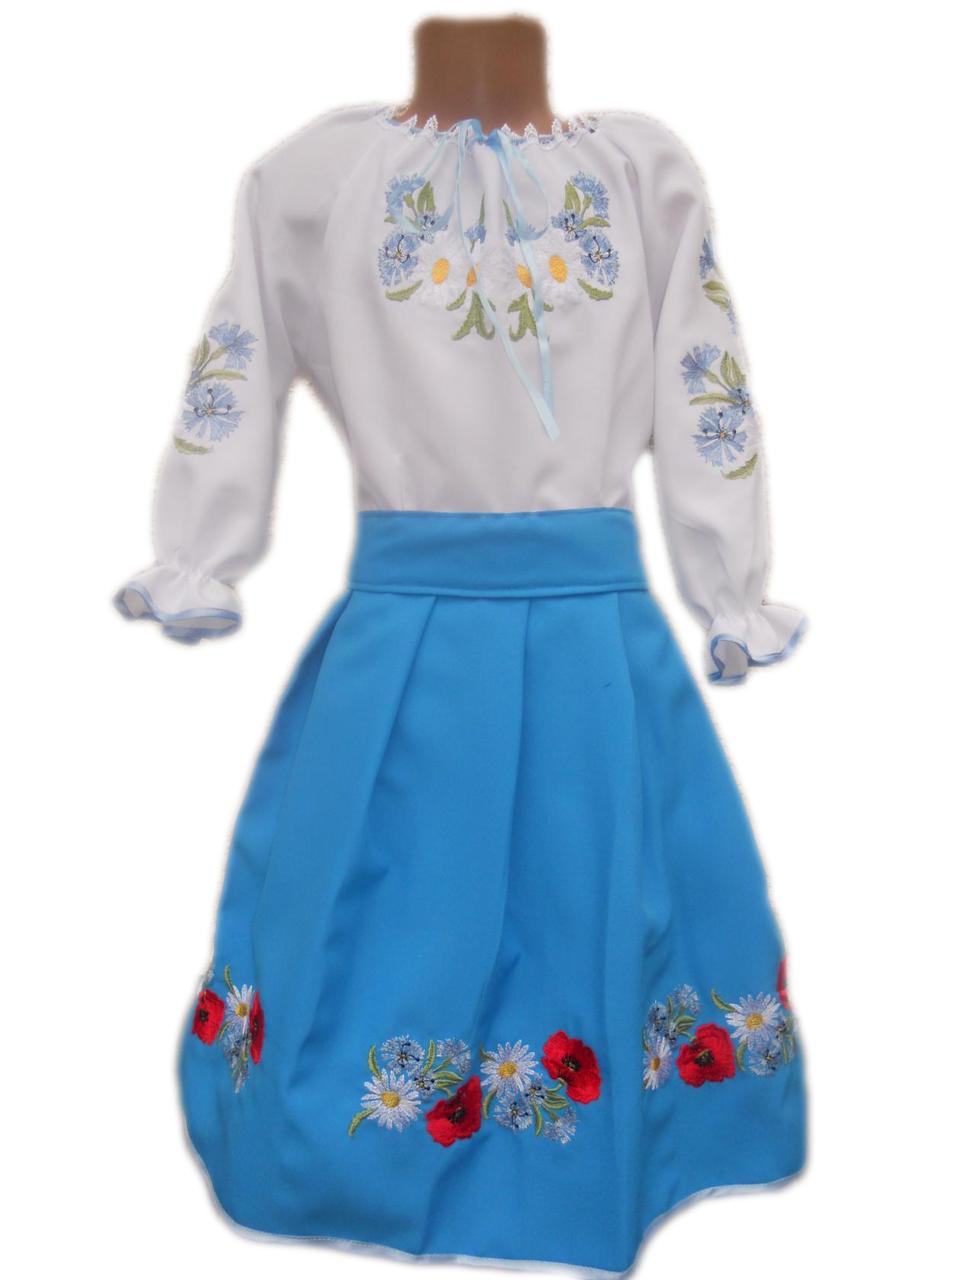 """Вишите плаття для дівчинки """"Маккензі"""" (Вышитое платье для девочки """"Маккензи"""") DN-0036"""